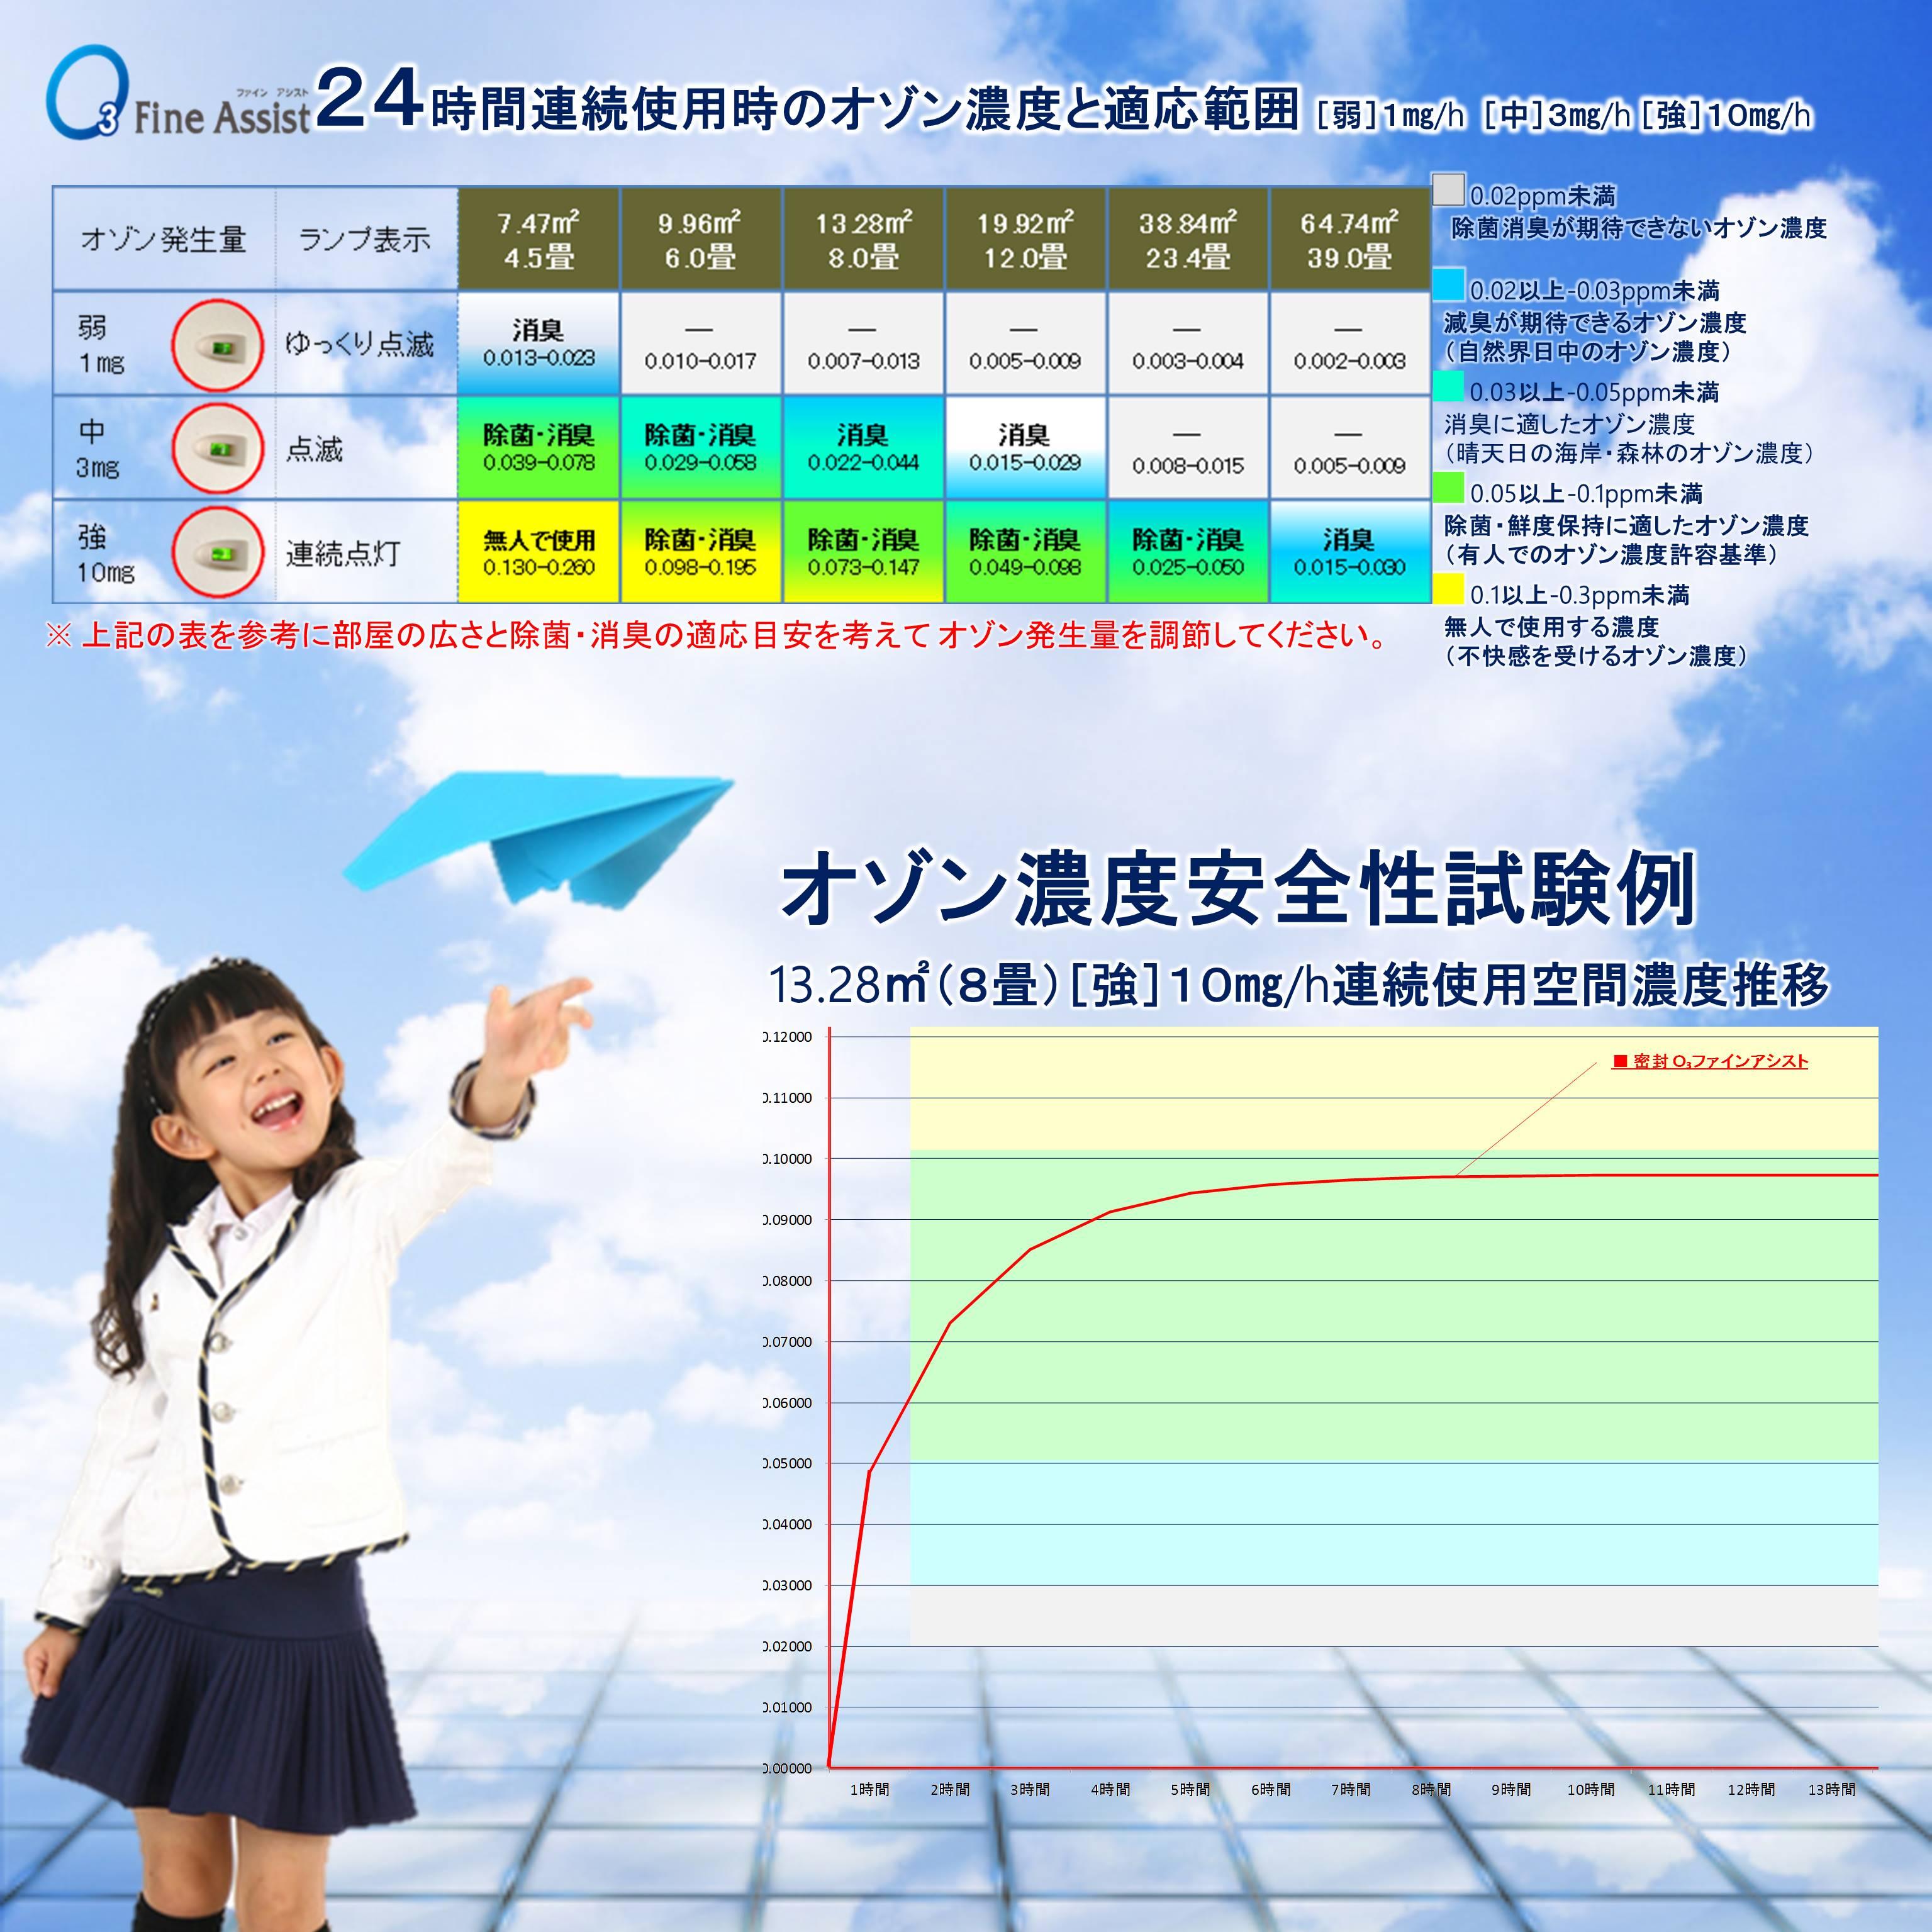 24時間連続使用時のオゾン濃度と適応範囲